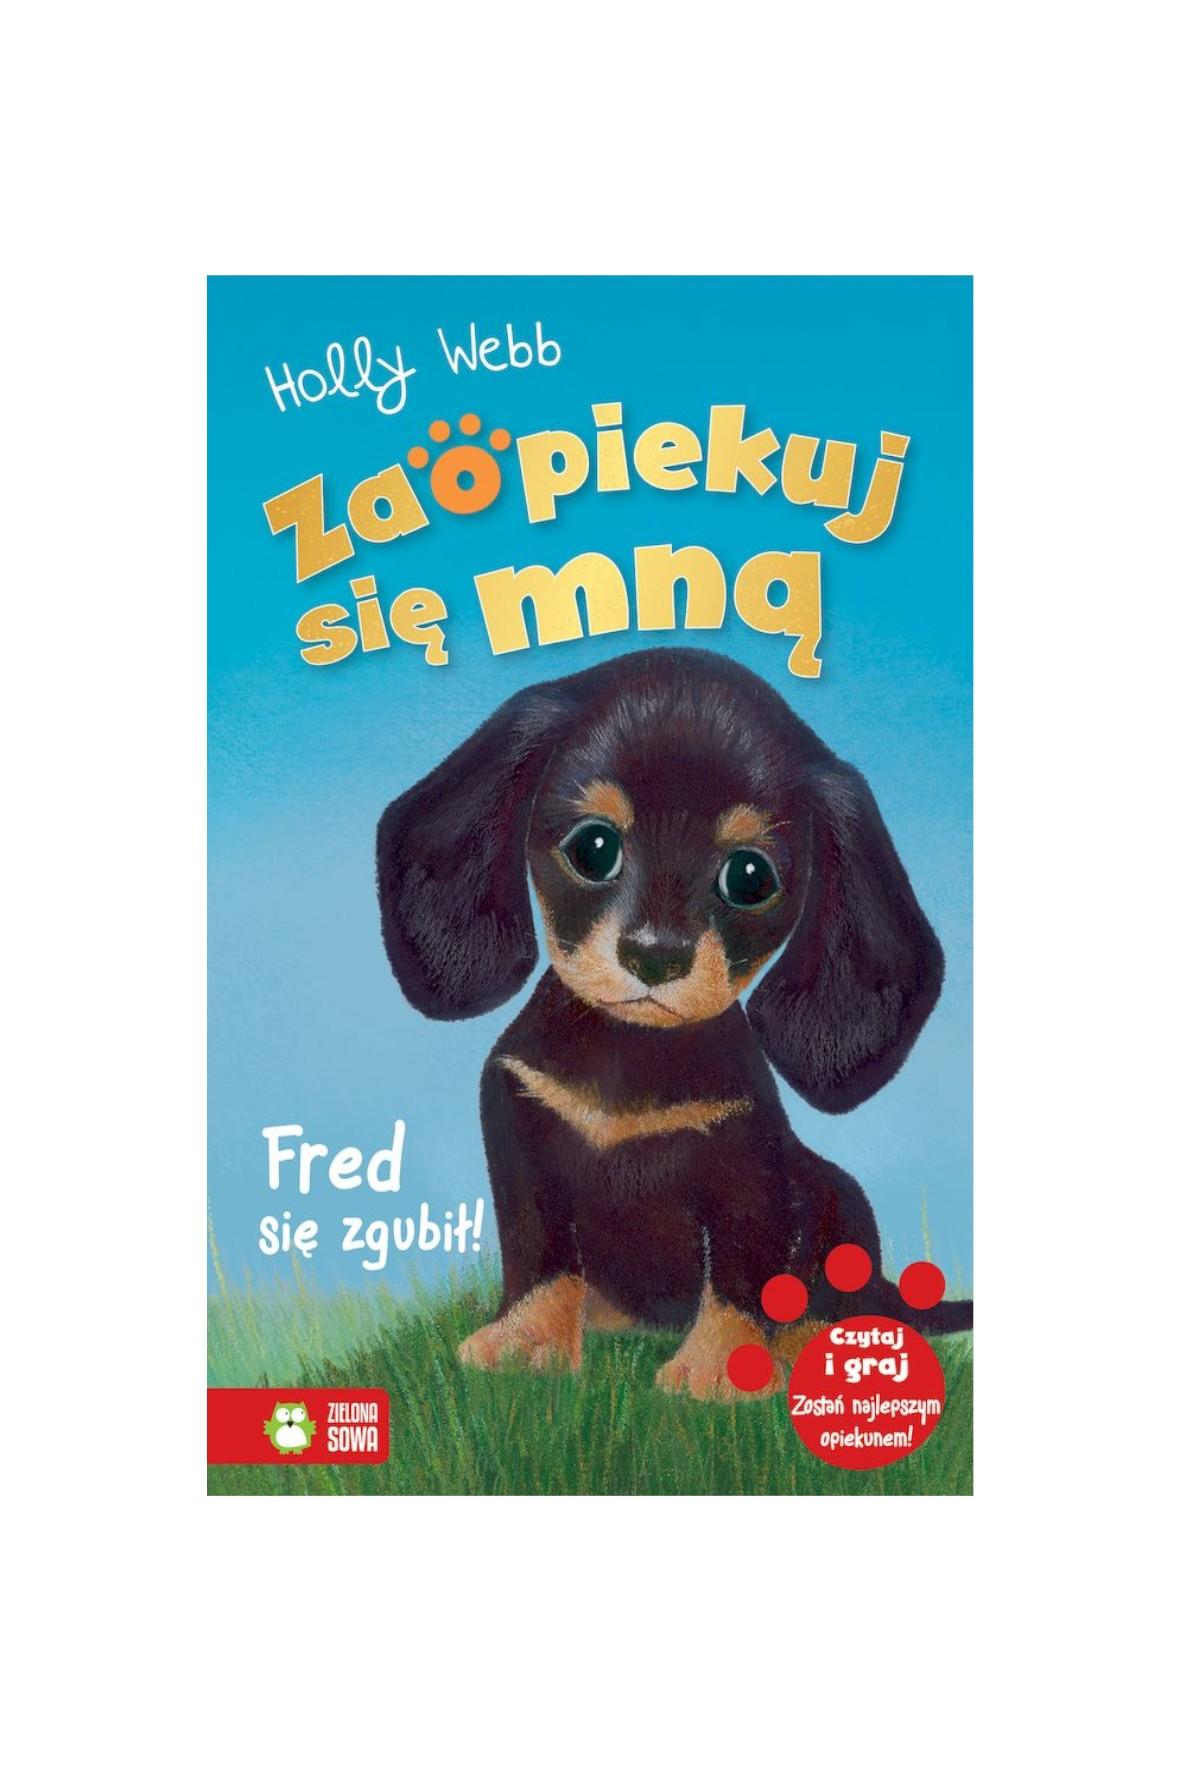 Książka dla dzieci- Fred się zgubił. Zaopiekuj się mną wiek 6+